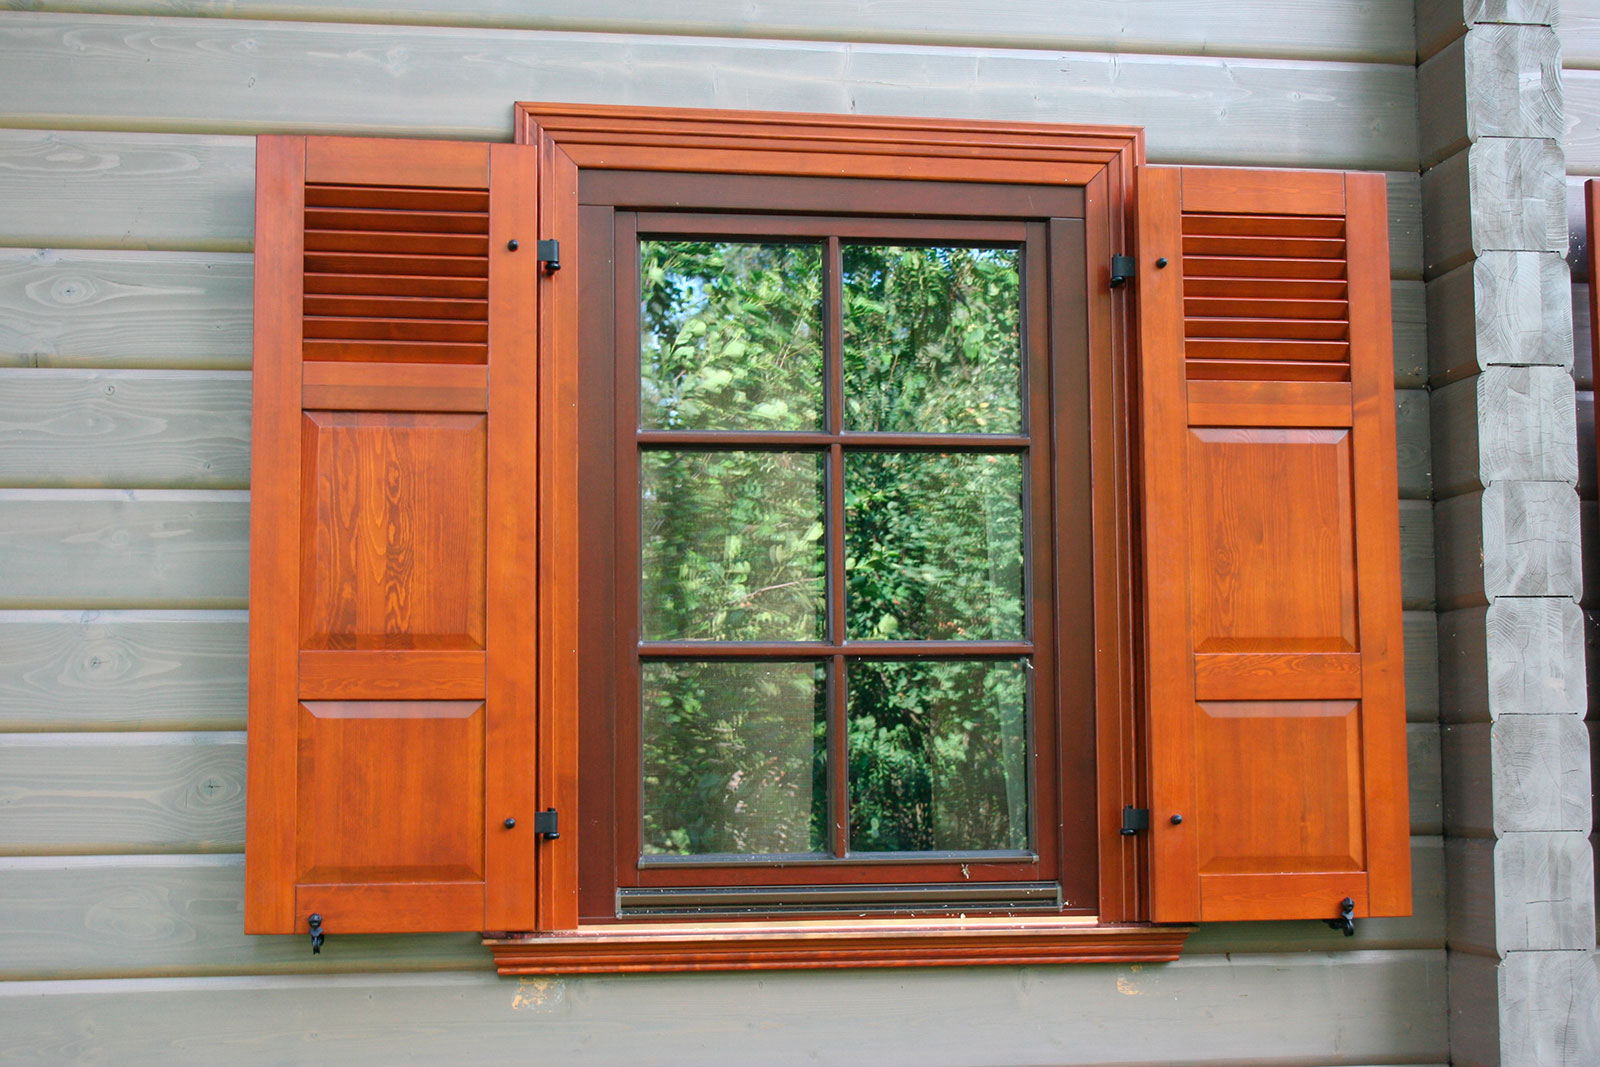 #B1481A  um belo acabamento à janela janela simples com vidraça em madeira 468 Janelas Duplas Em Madeira